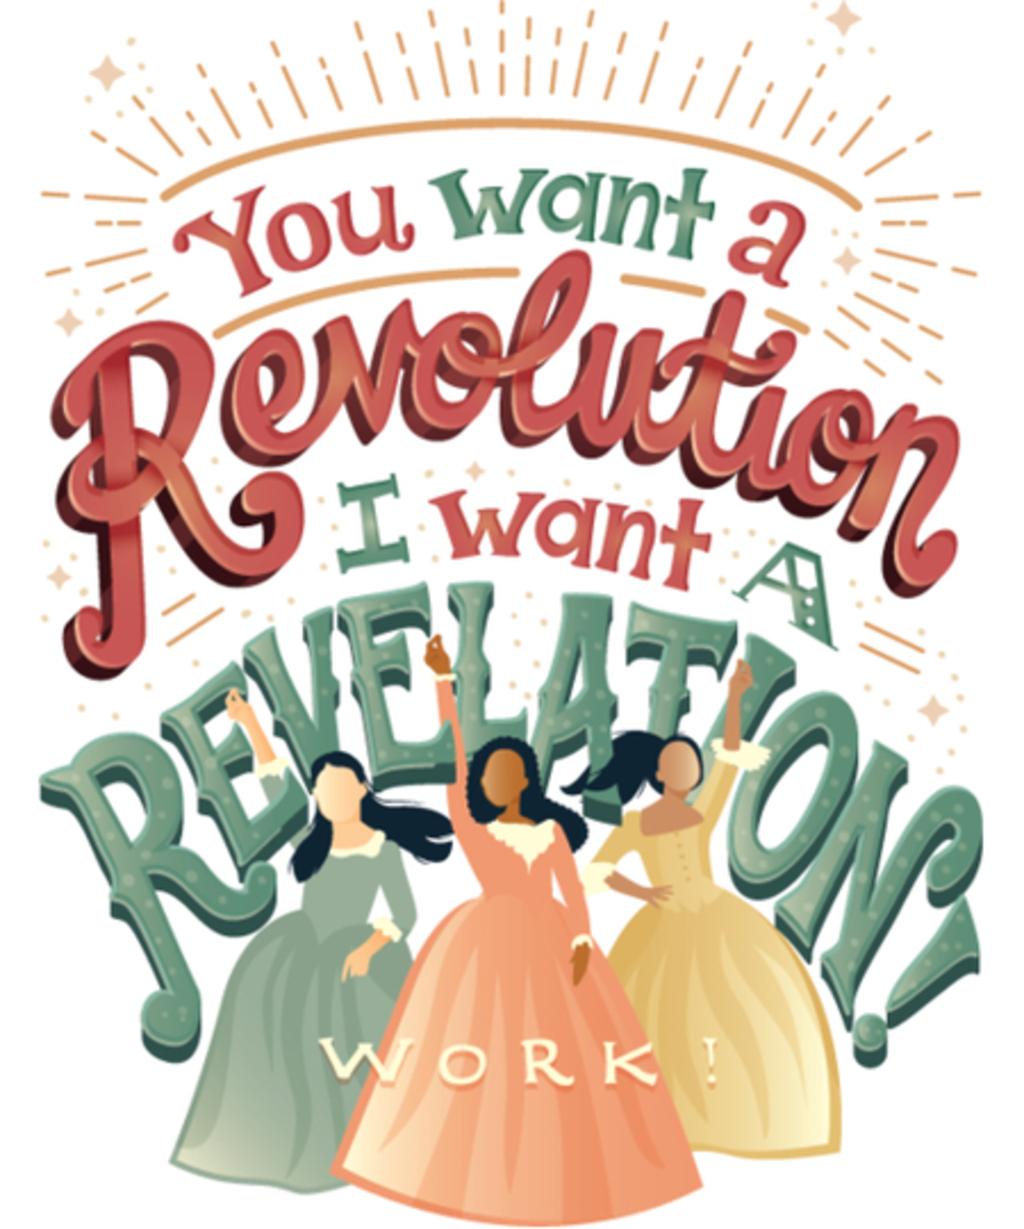 Qwertee: I Want a Revelation